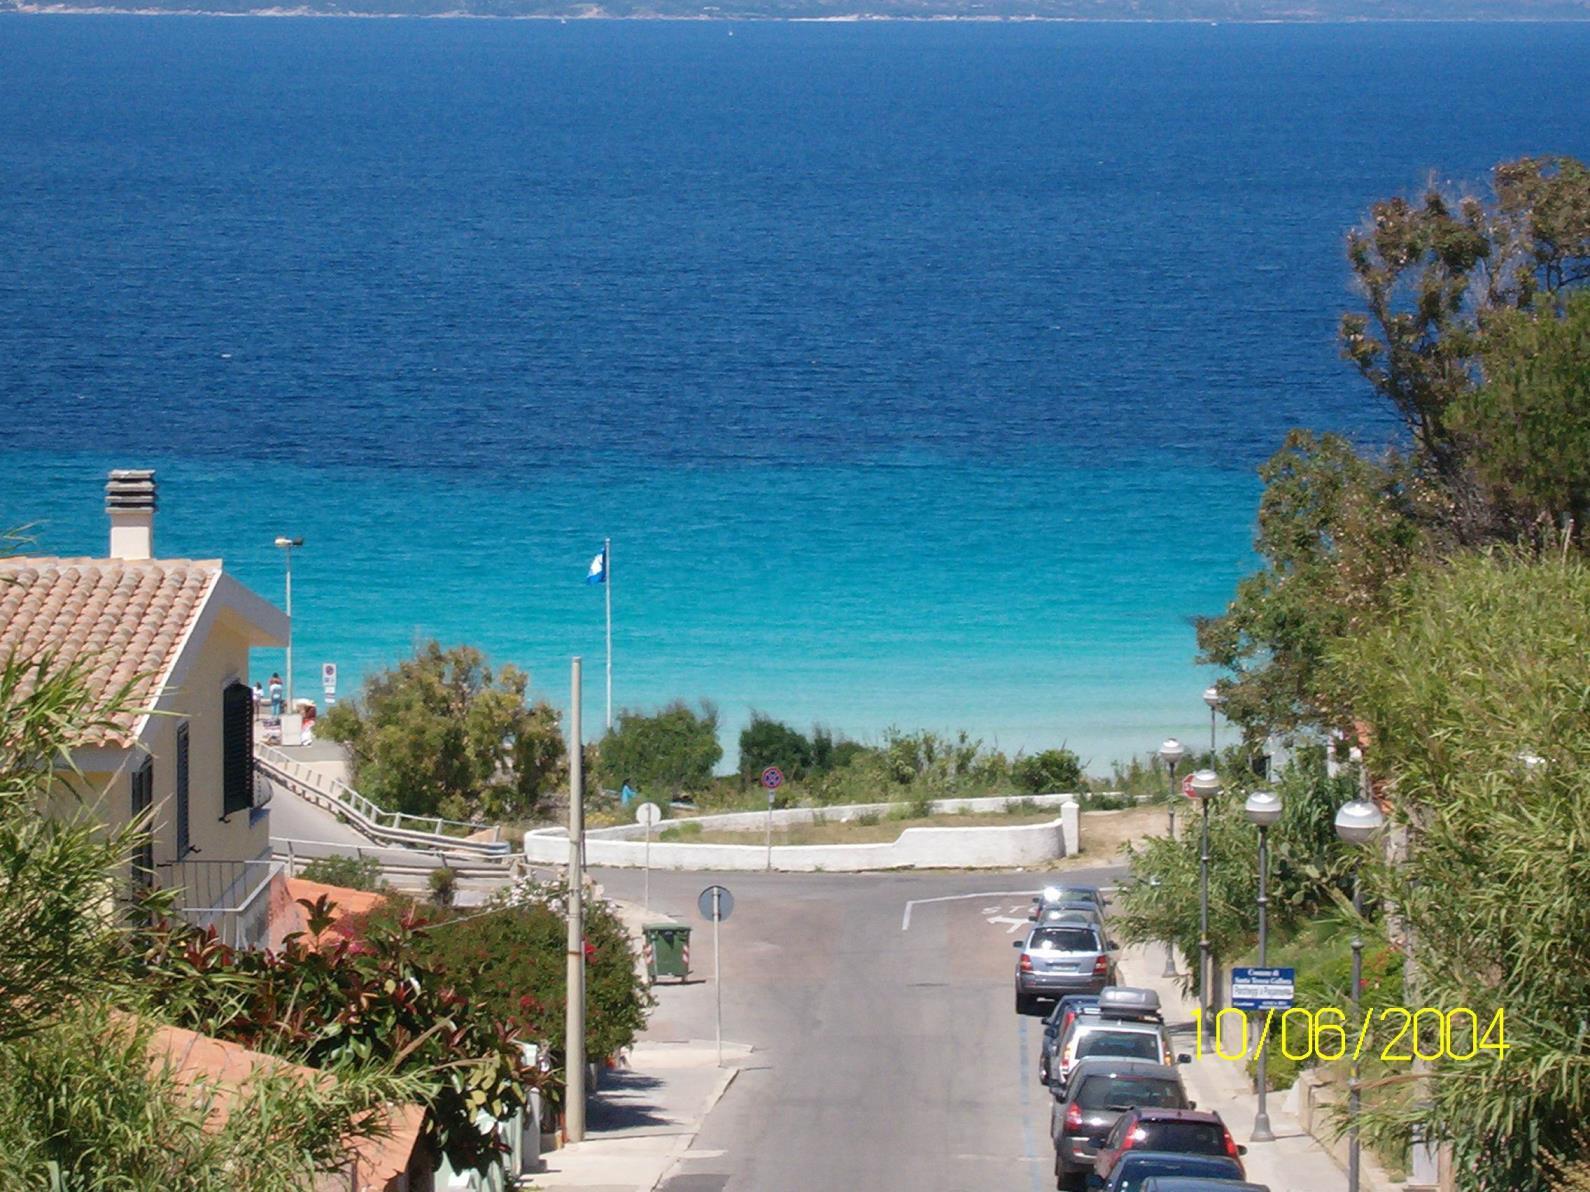 Casa Azzurra 100m Spiaggia Rena Bianca S Teresa Gallura